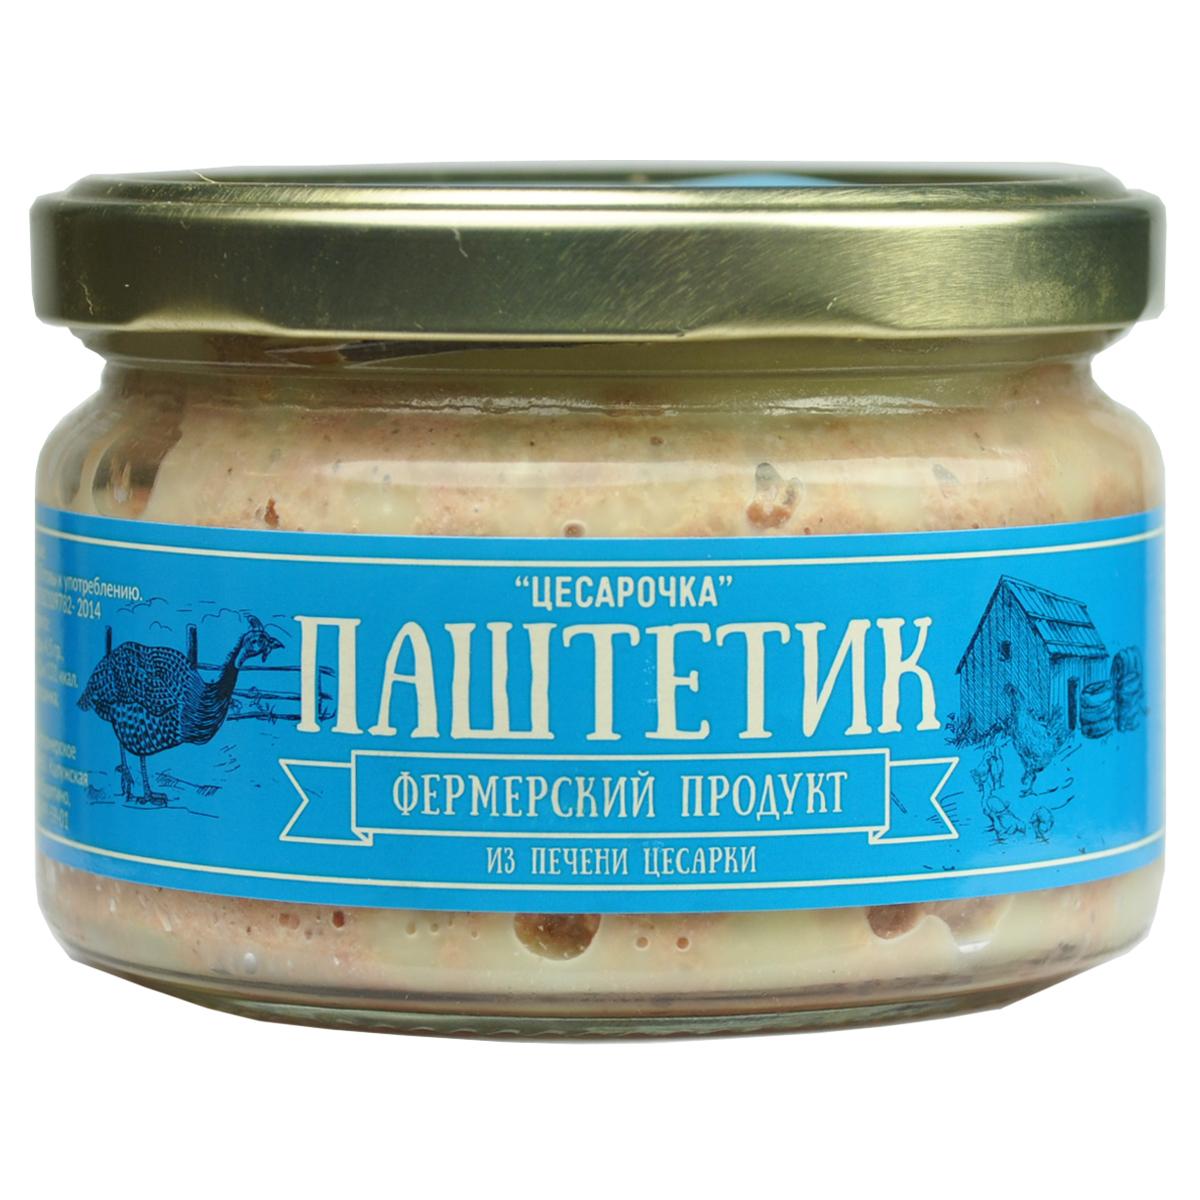 Фермерский продукт паштет цесарочка, 200 г паштет argeta из мяса индейки 95г